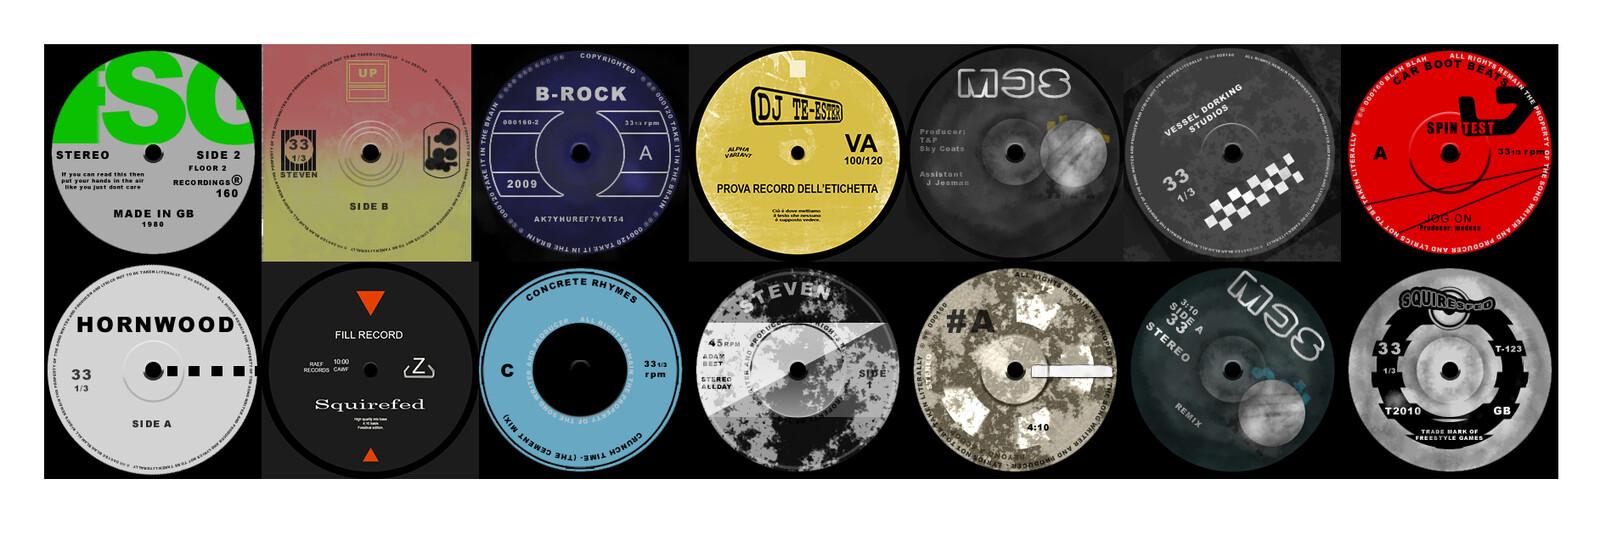 Vinyll sticker designs